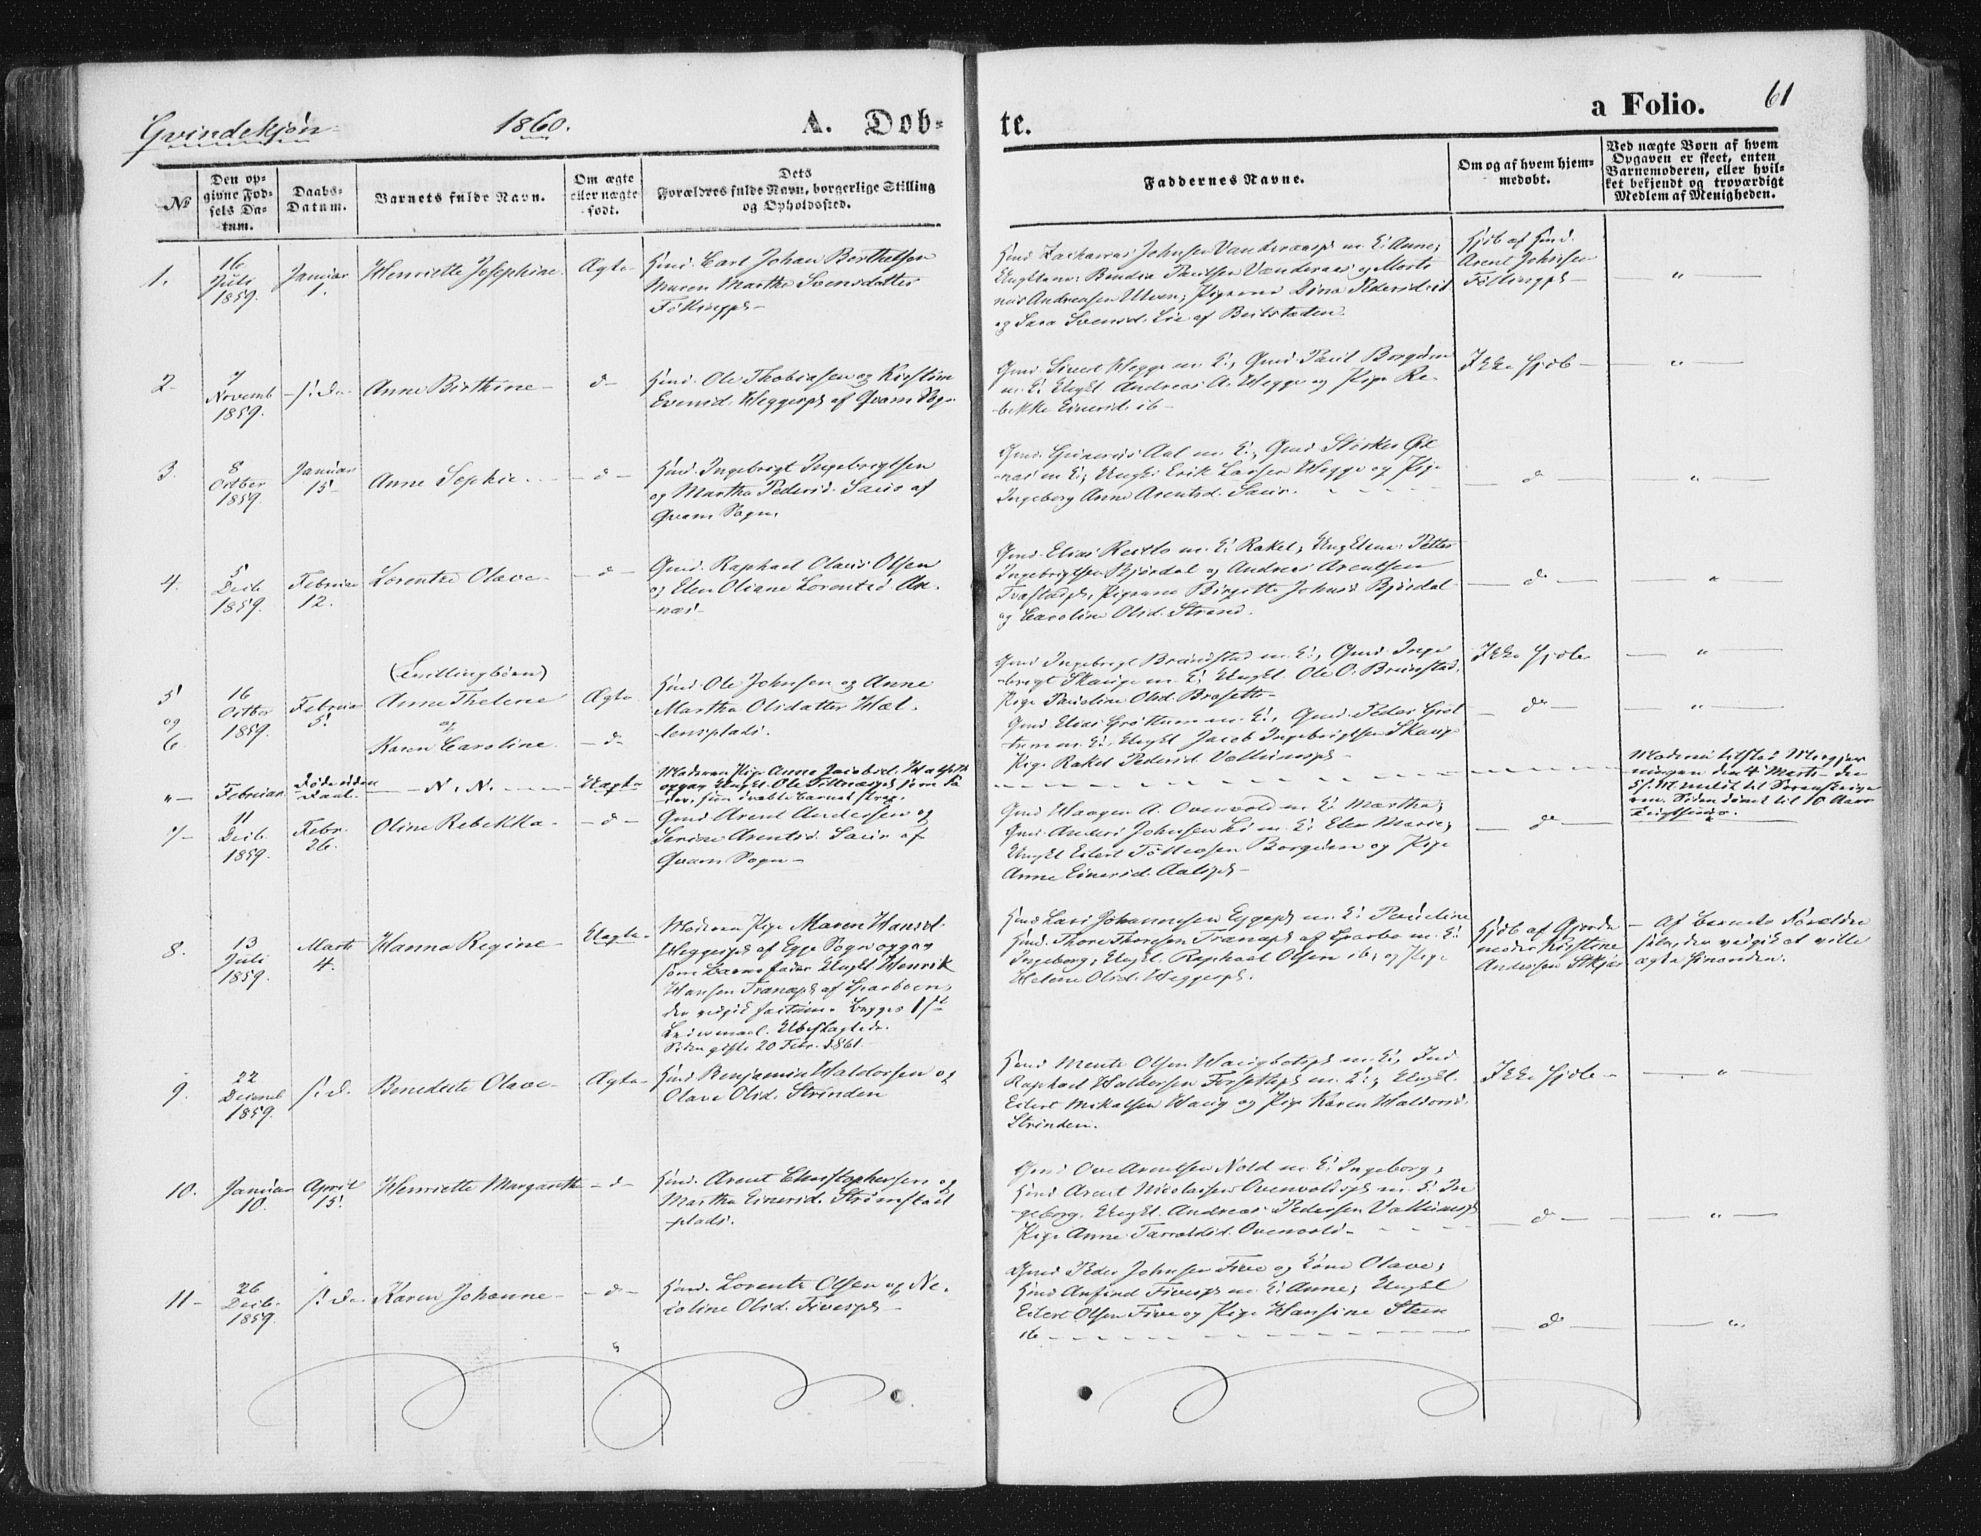 SAT, Ministerialprotokoller, klokkerbøker og fødselsregistre - Nord-Trøndelag, 746/L0447: Ministerialbok nr. 746A06, 1860-1877, s. 61